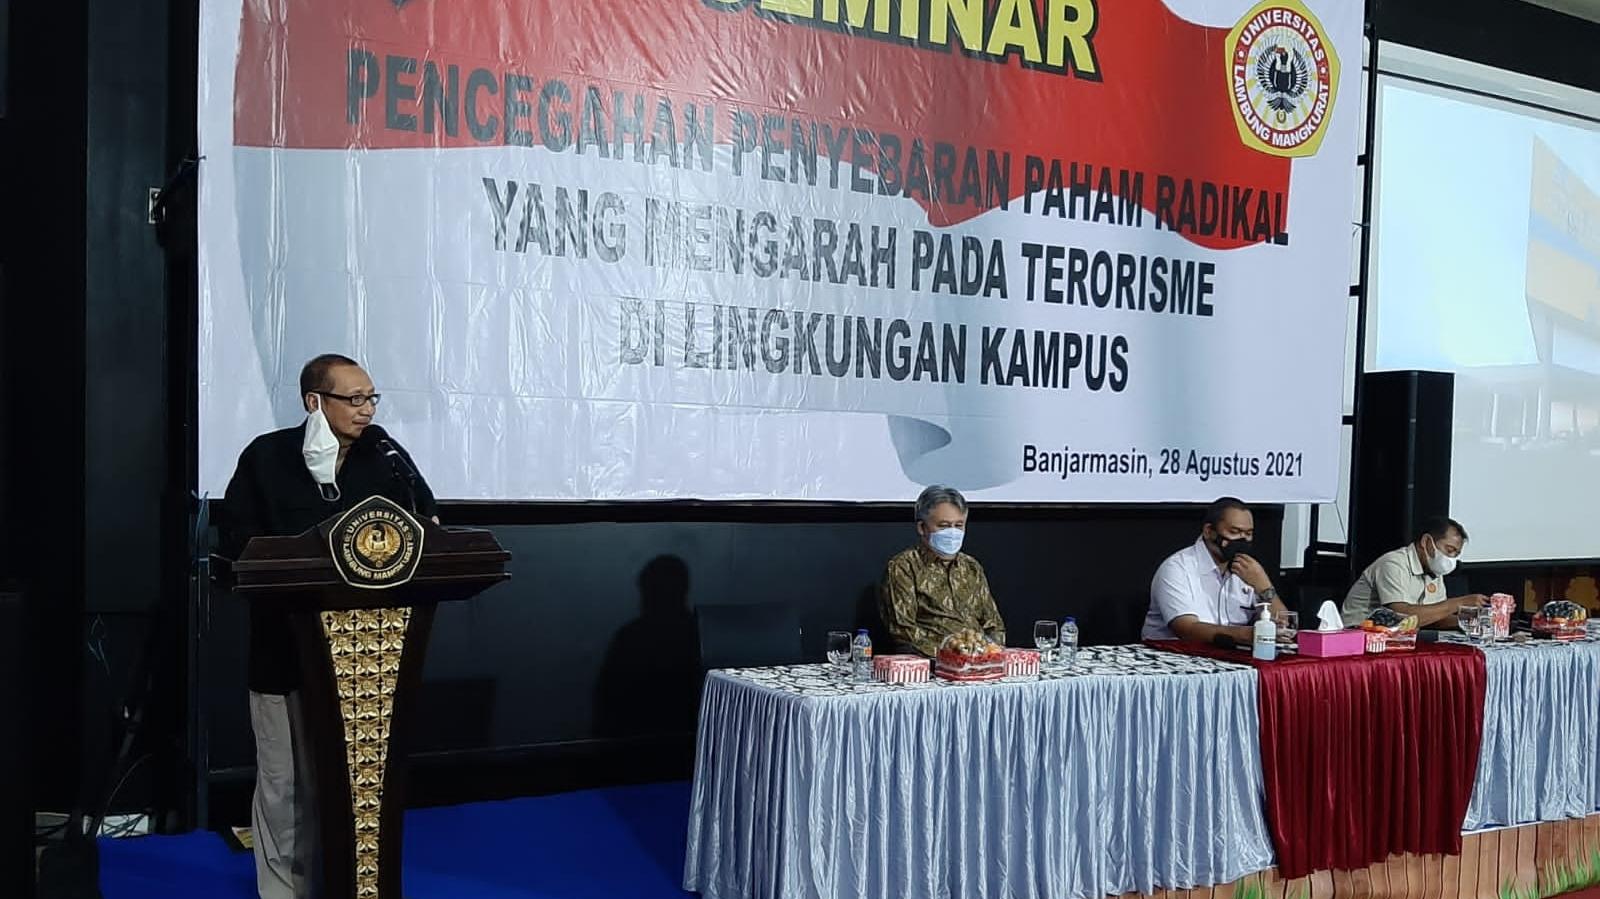 POLDA-ULM Kerjasama Tangkal Terorisme di Lingkungan Kampus